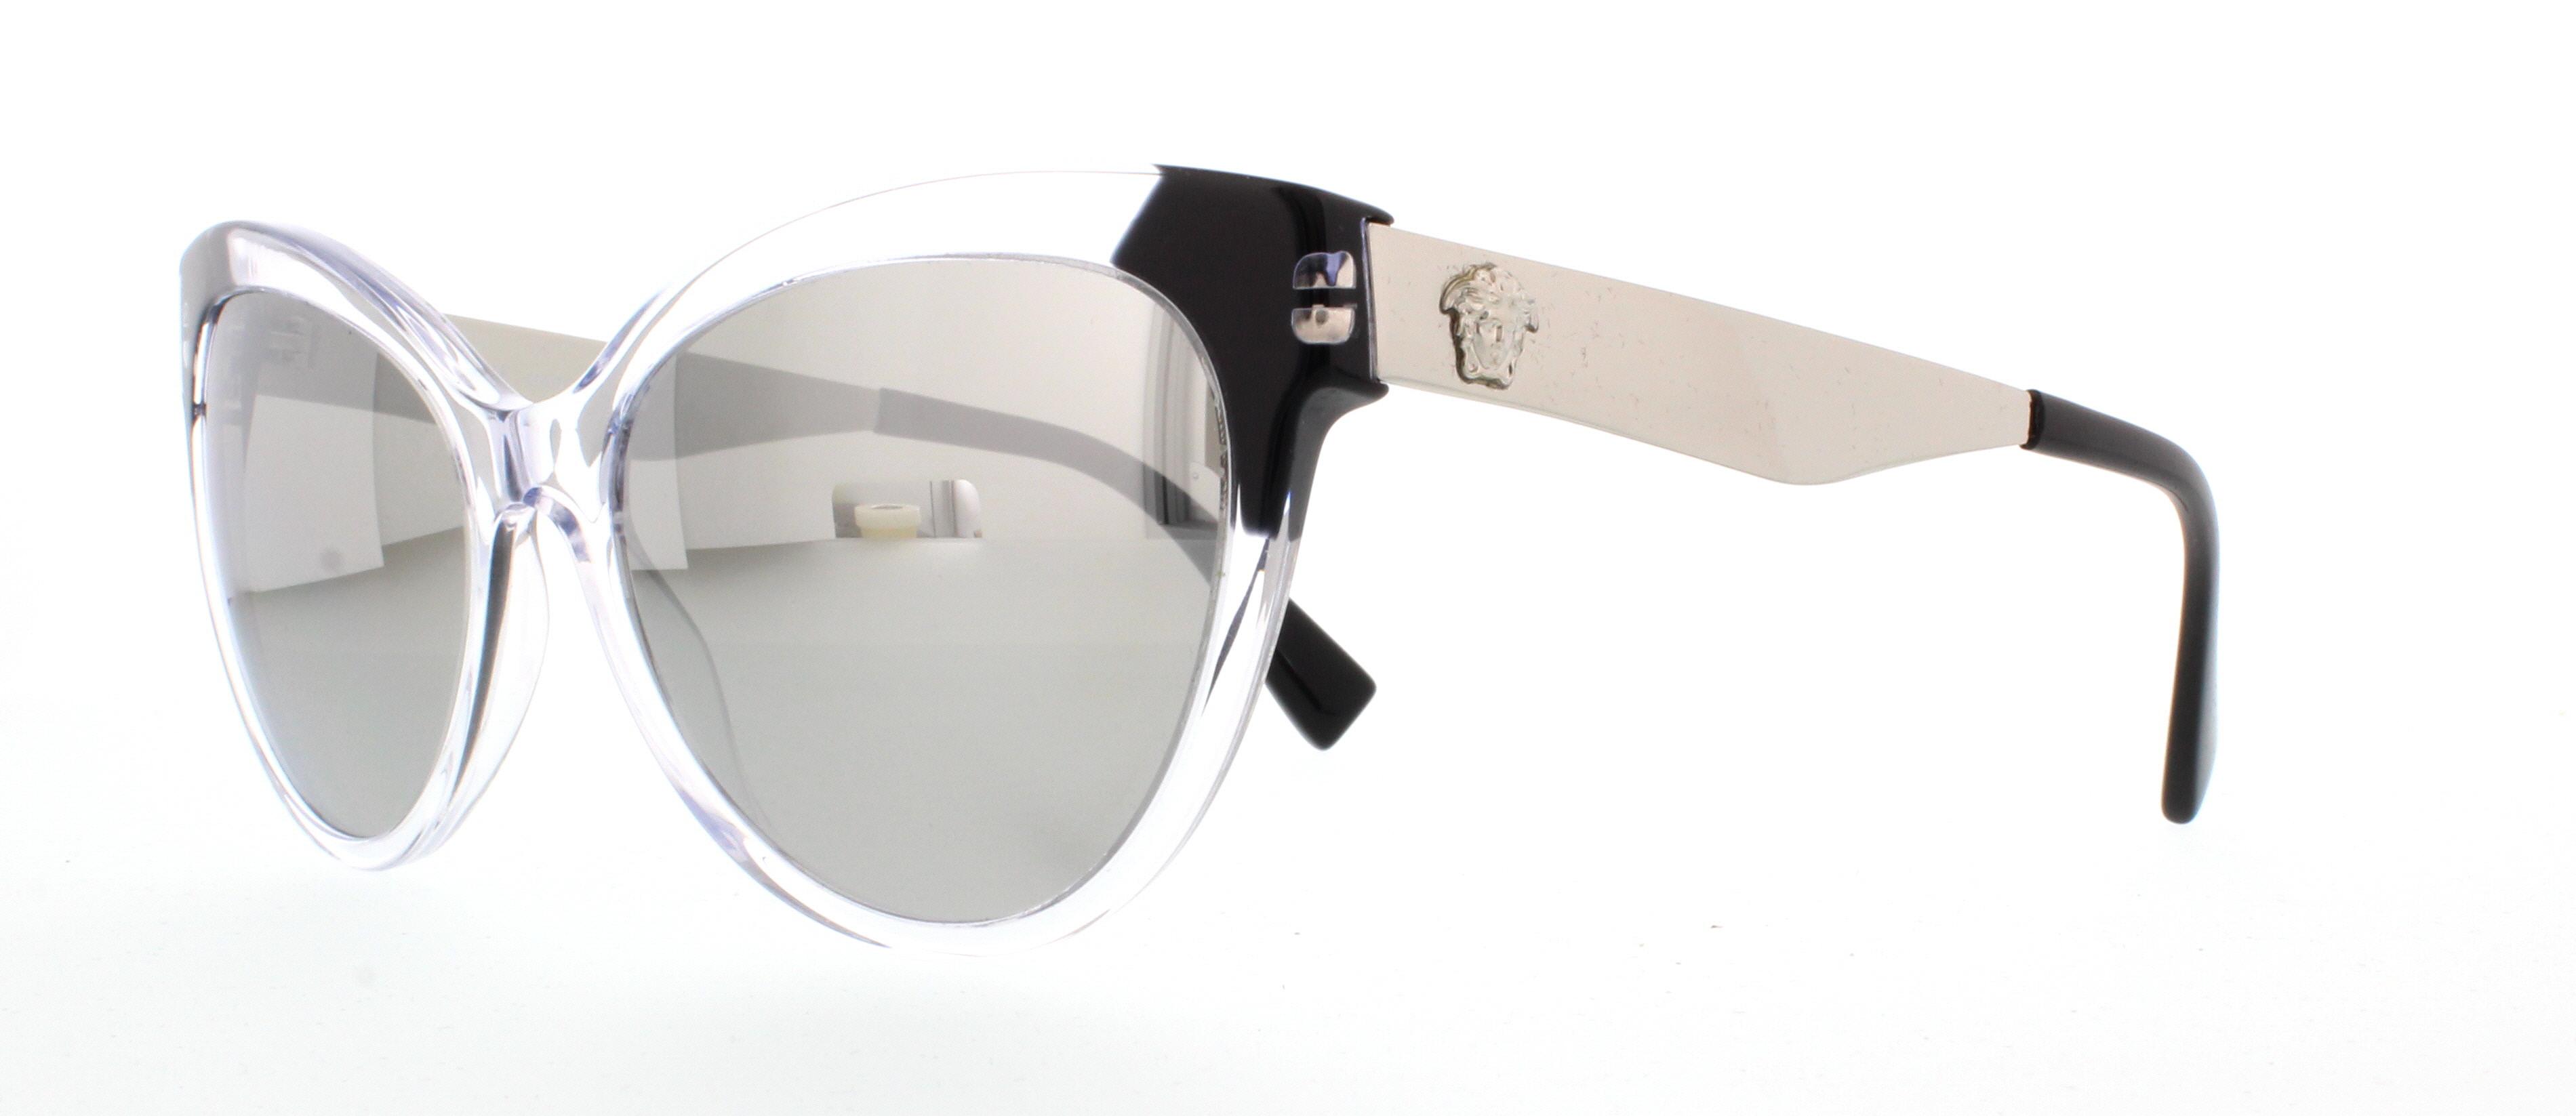 Versace VE4338 Sonnenbrille Transparent / Schwarz 52436G 57mm Yy4XQqmp